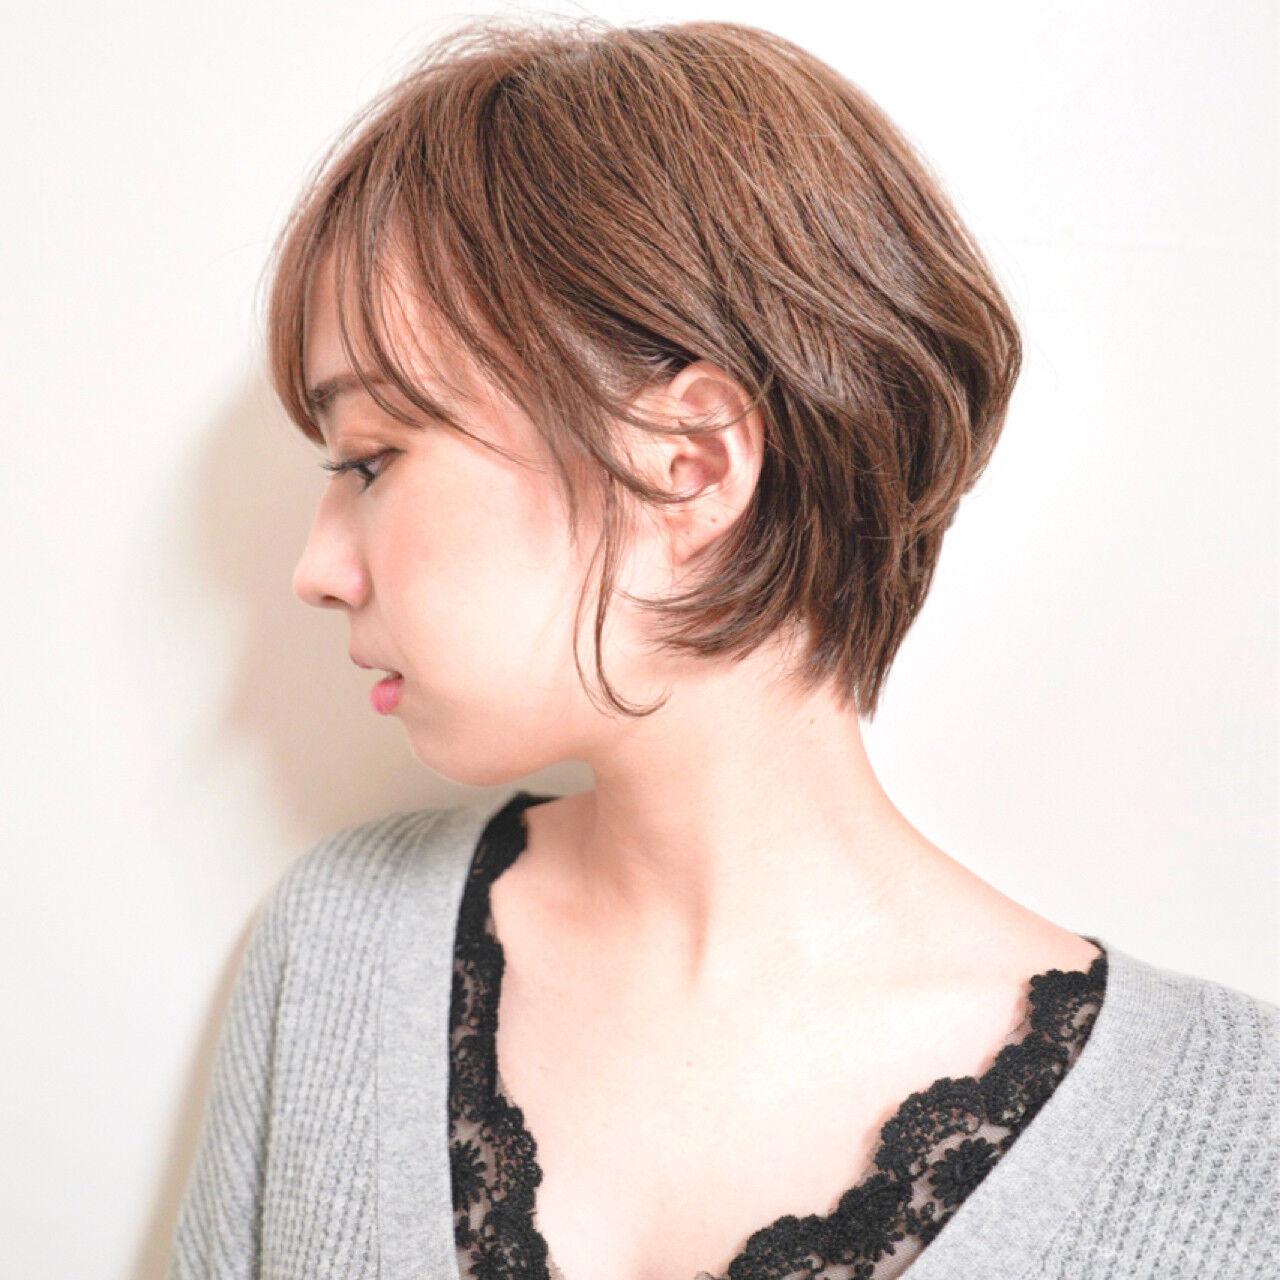 簡単ヘアアレンジ アウトドア エフォートレス ヘアアレンジヘアスタイルや髪型の写真・画像